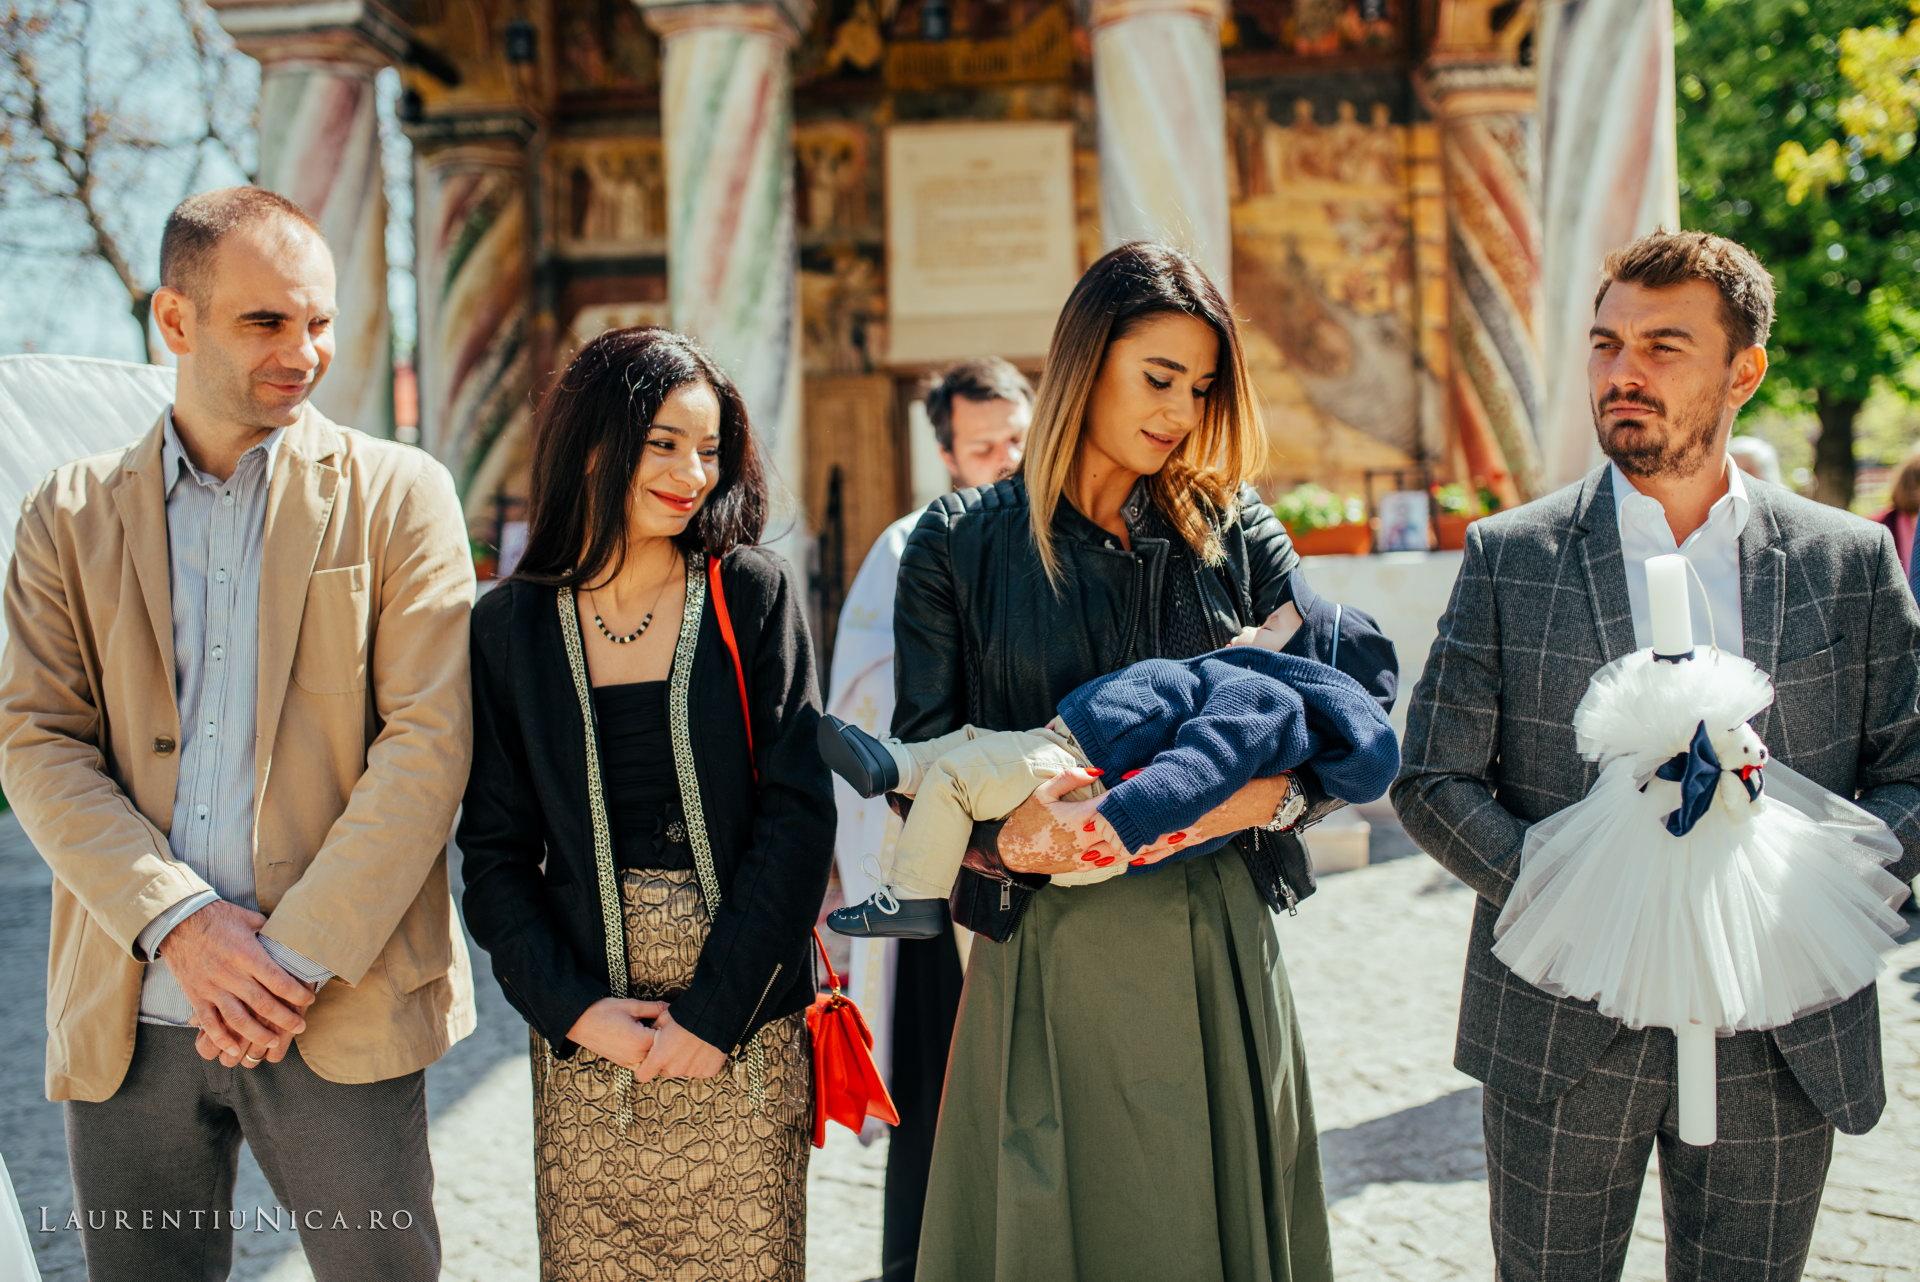 fotografii botez alexis aurelian foto laurentiu nica craiova 19 - Alexis Aurelian | Fotografii botez | Craiova